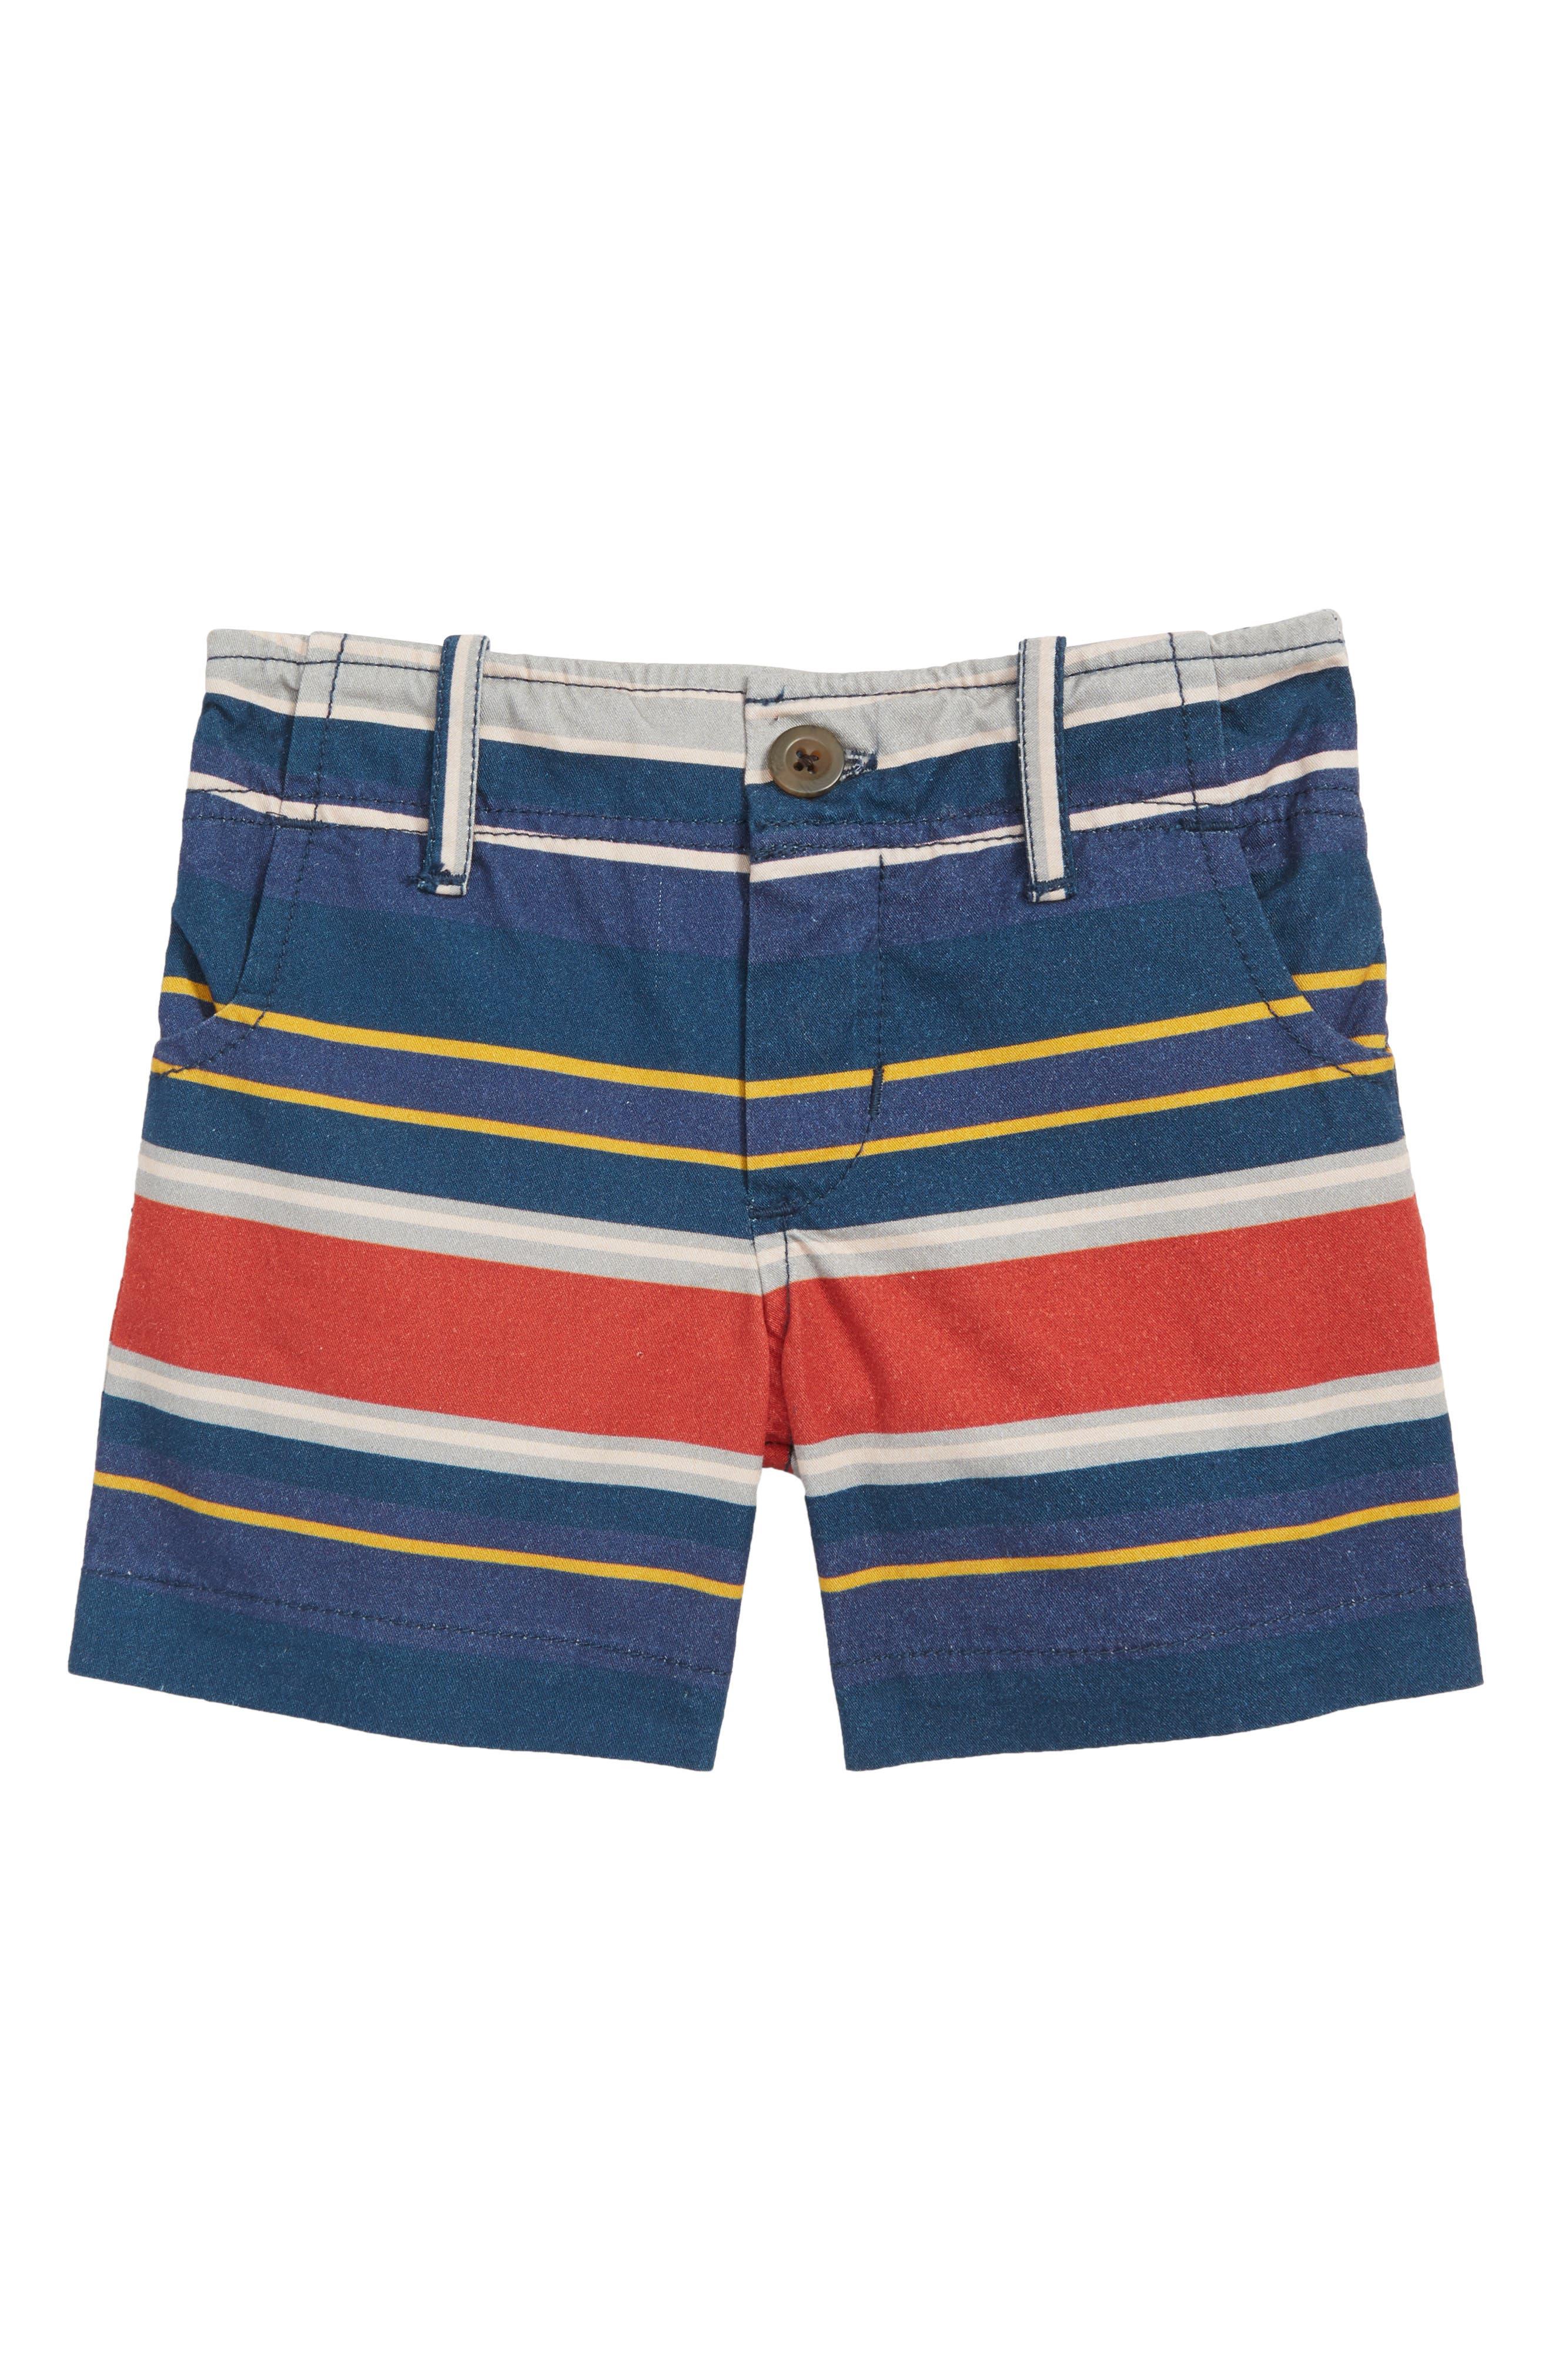 Peek Hudson Stripe Shorts,                         Main,                         color, 410